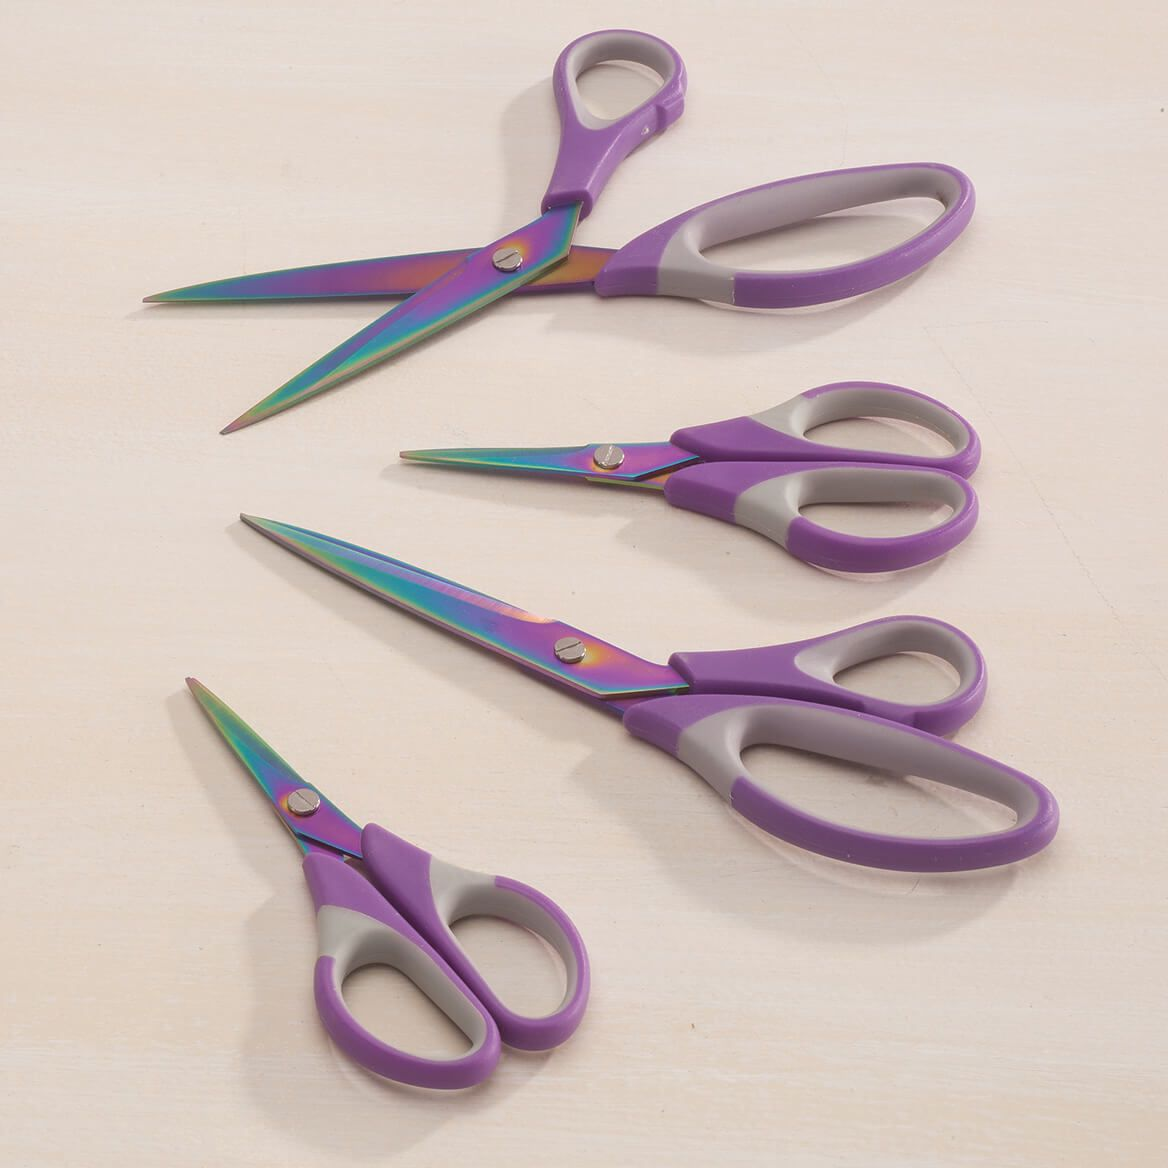 Titanium Purple Scissors Set of 4-362575